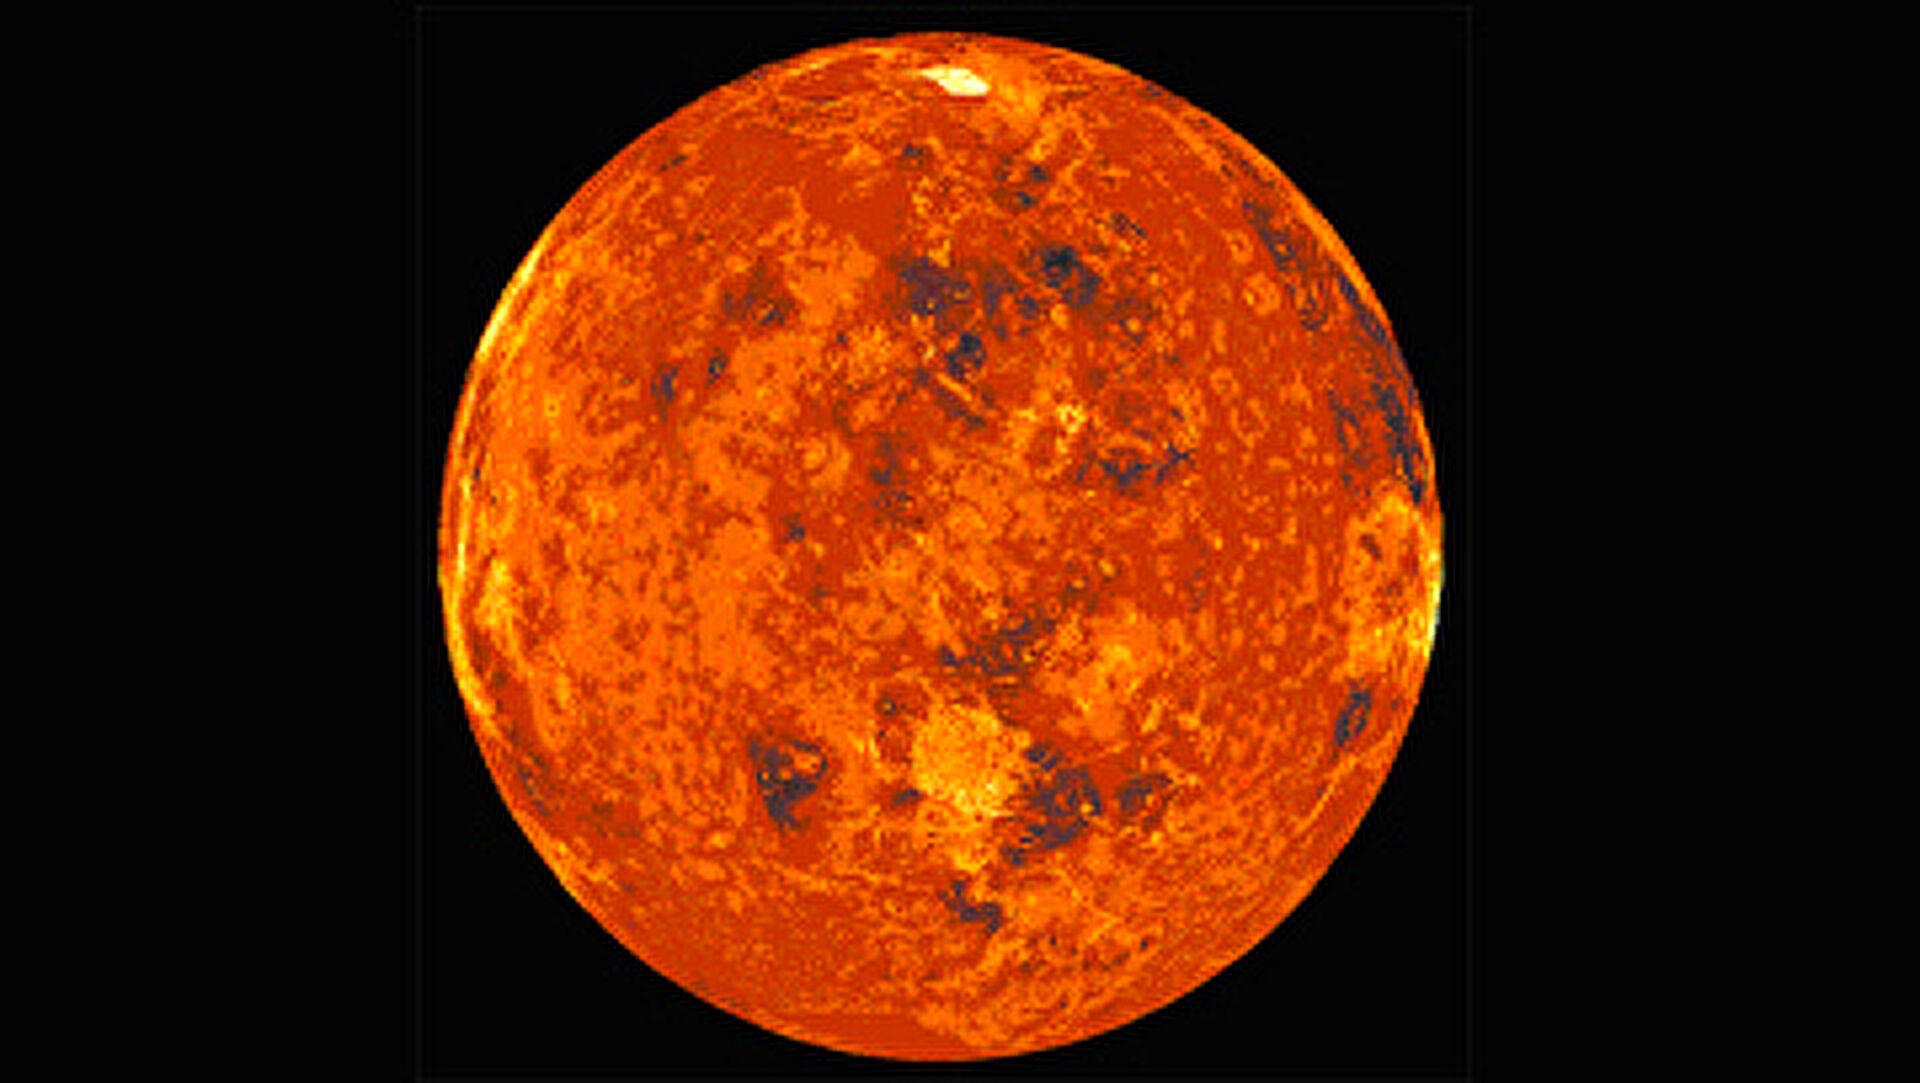 фотографии планеты венера